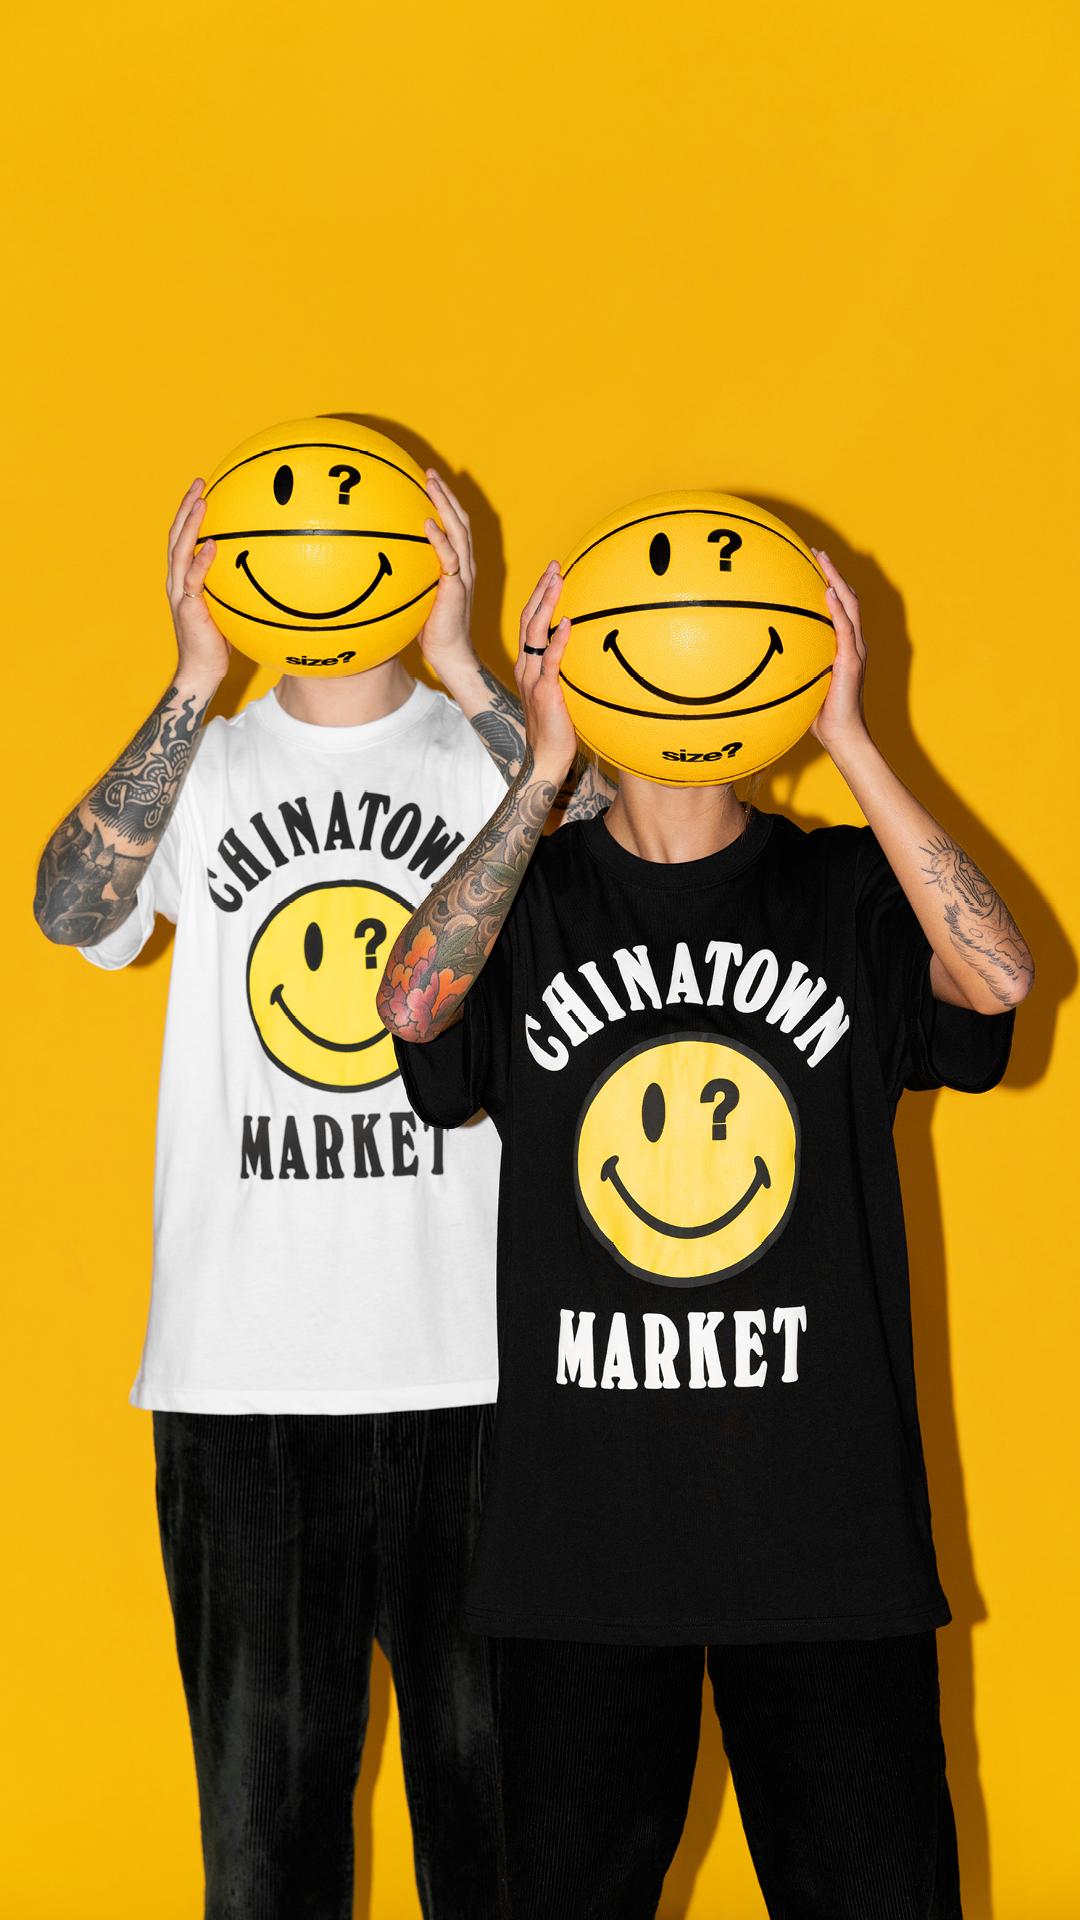 size? x Chinatwn Market